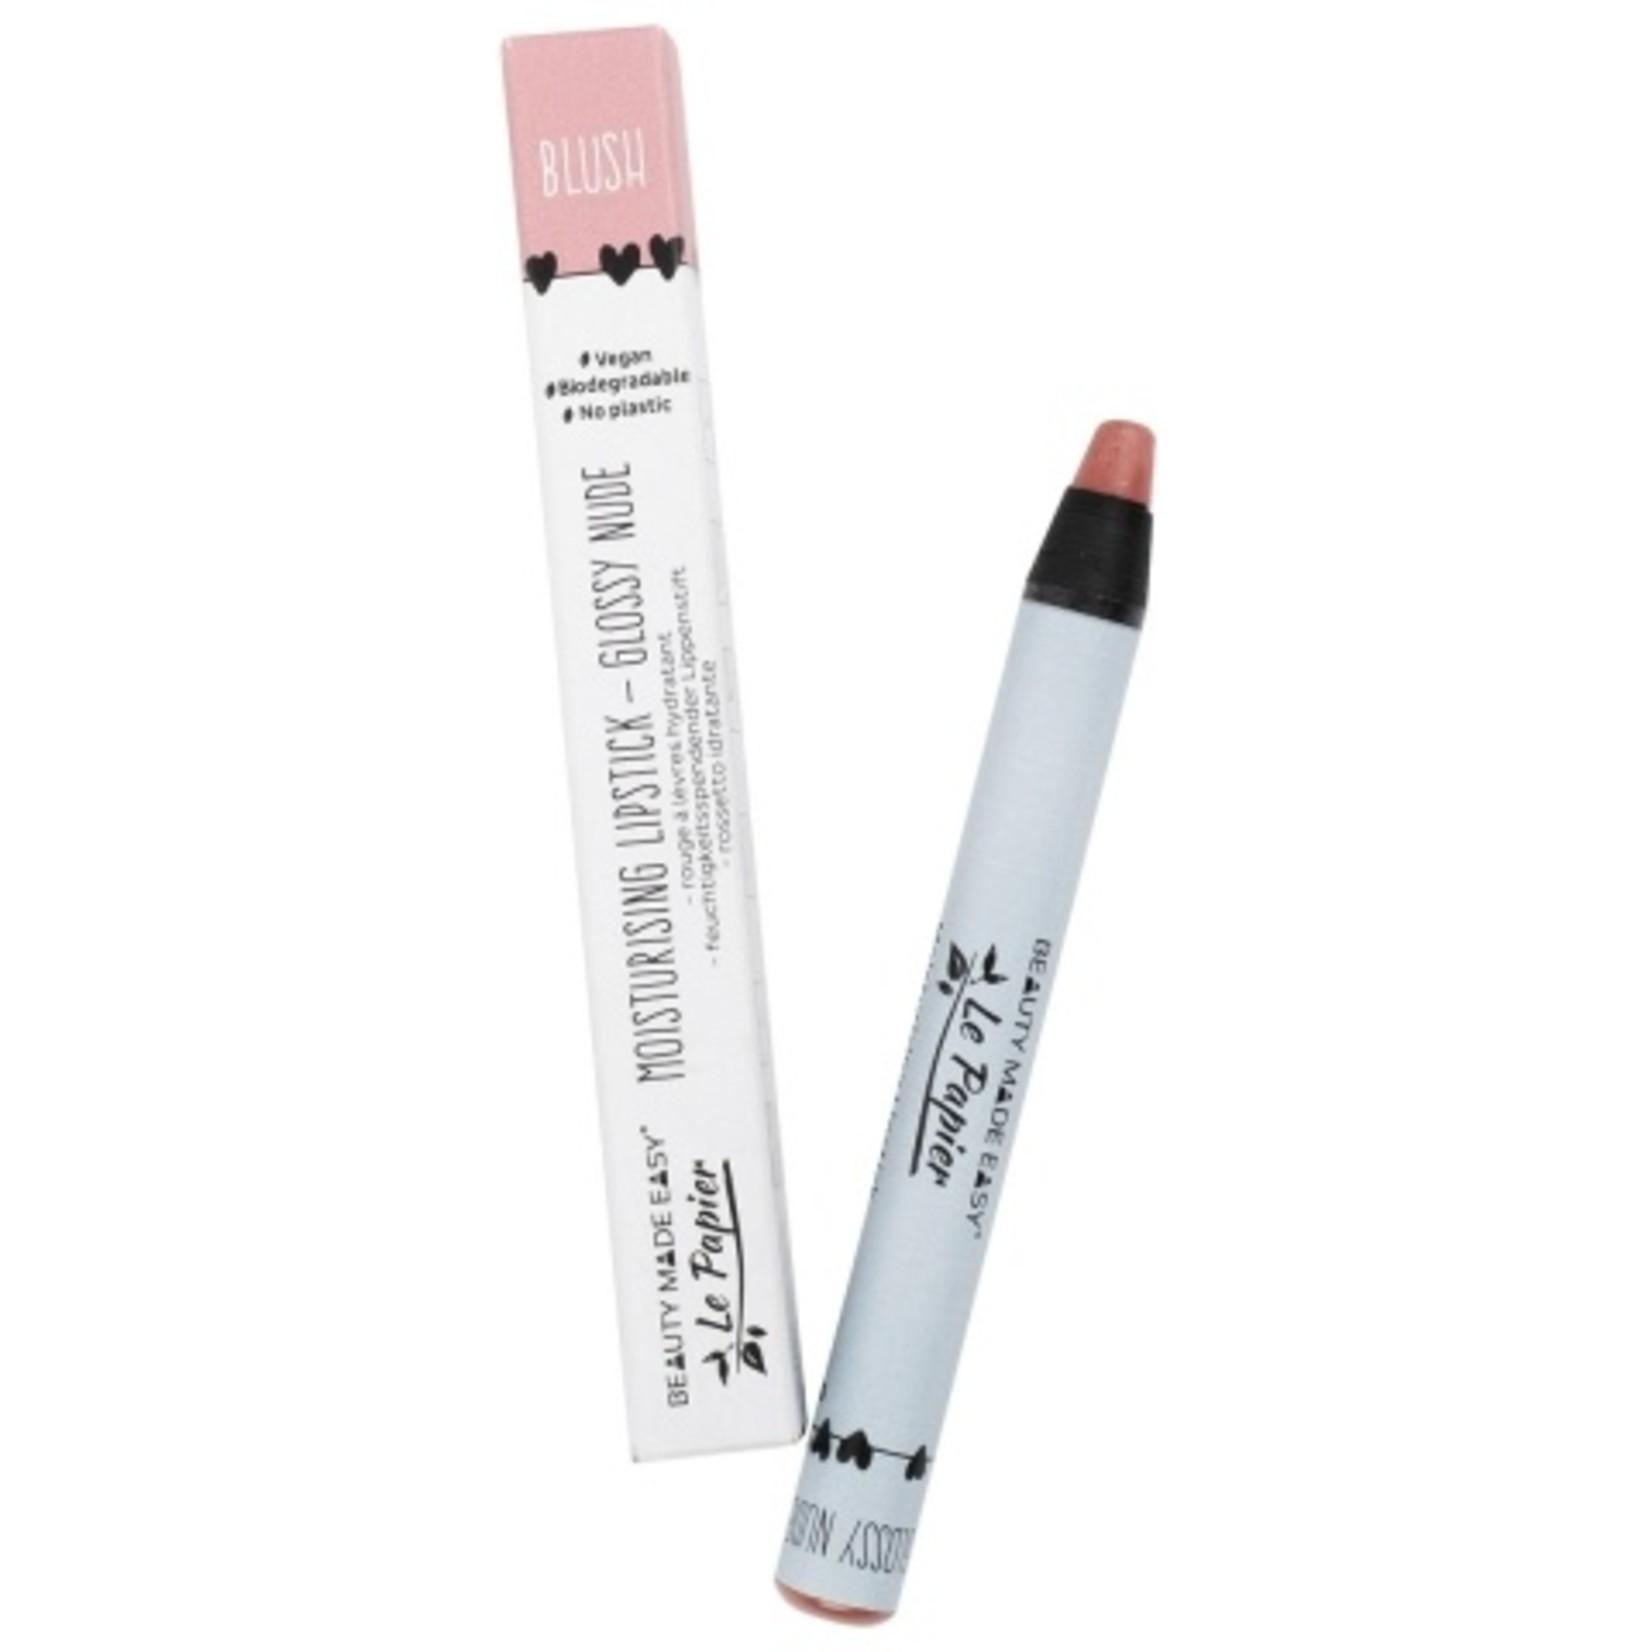 Voedende lipstick - Glossy Nudes - BLUSH - 6 g